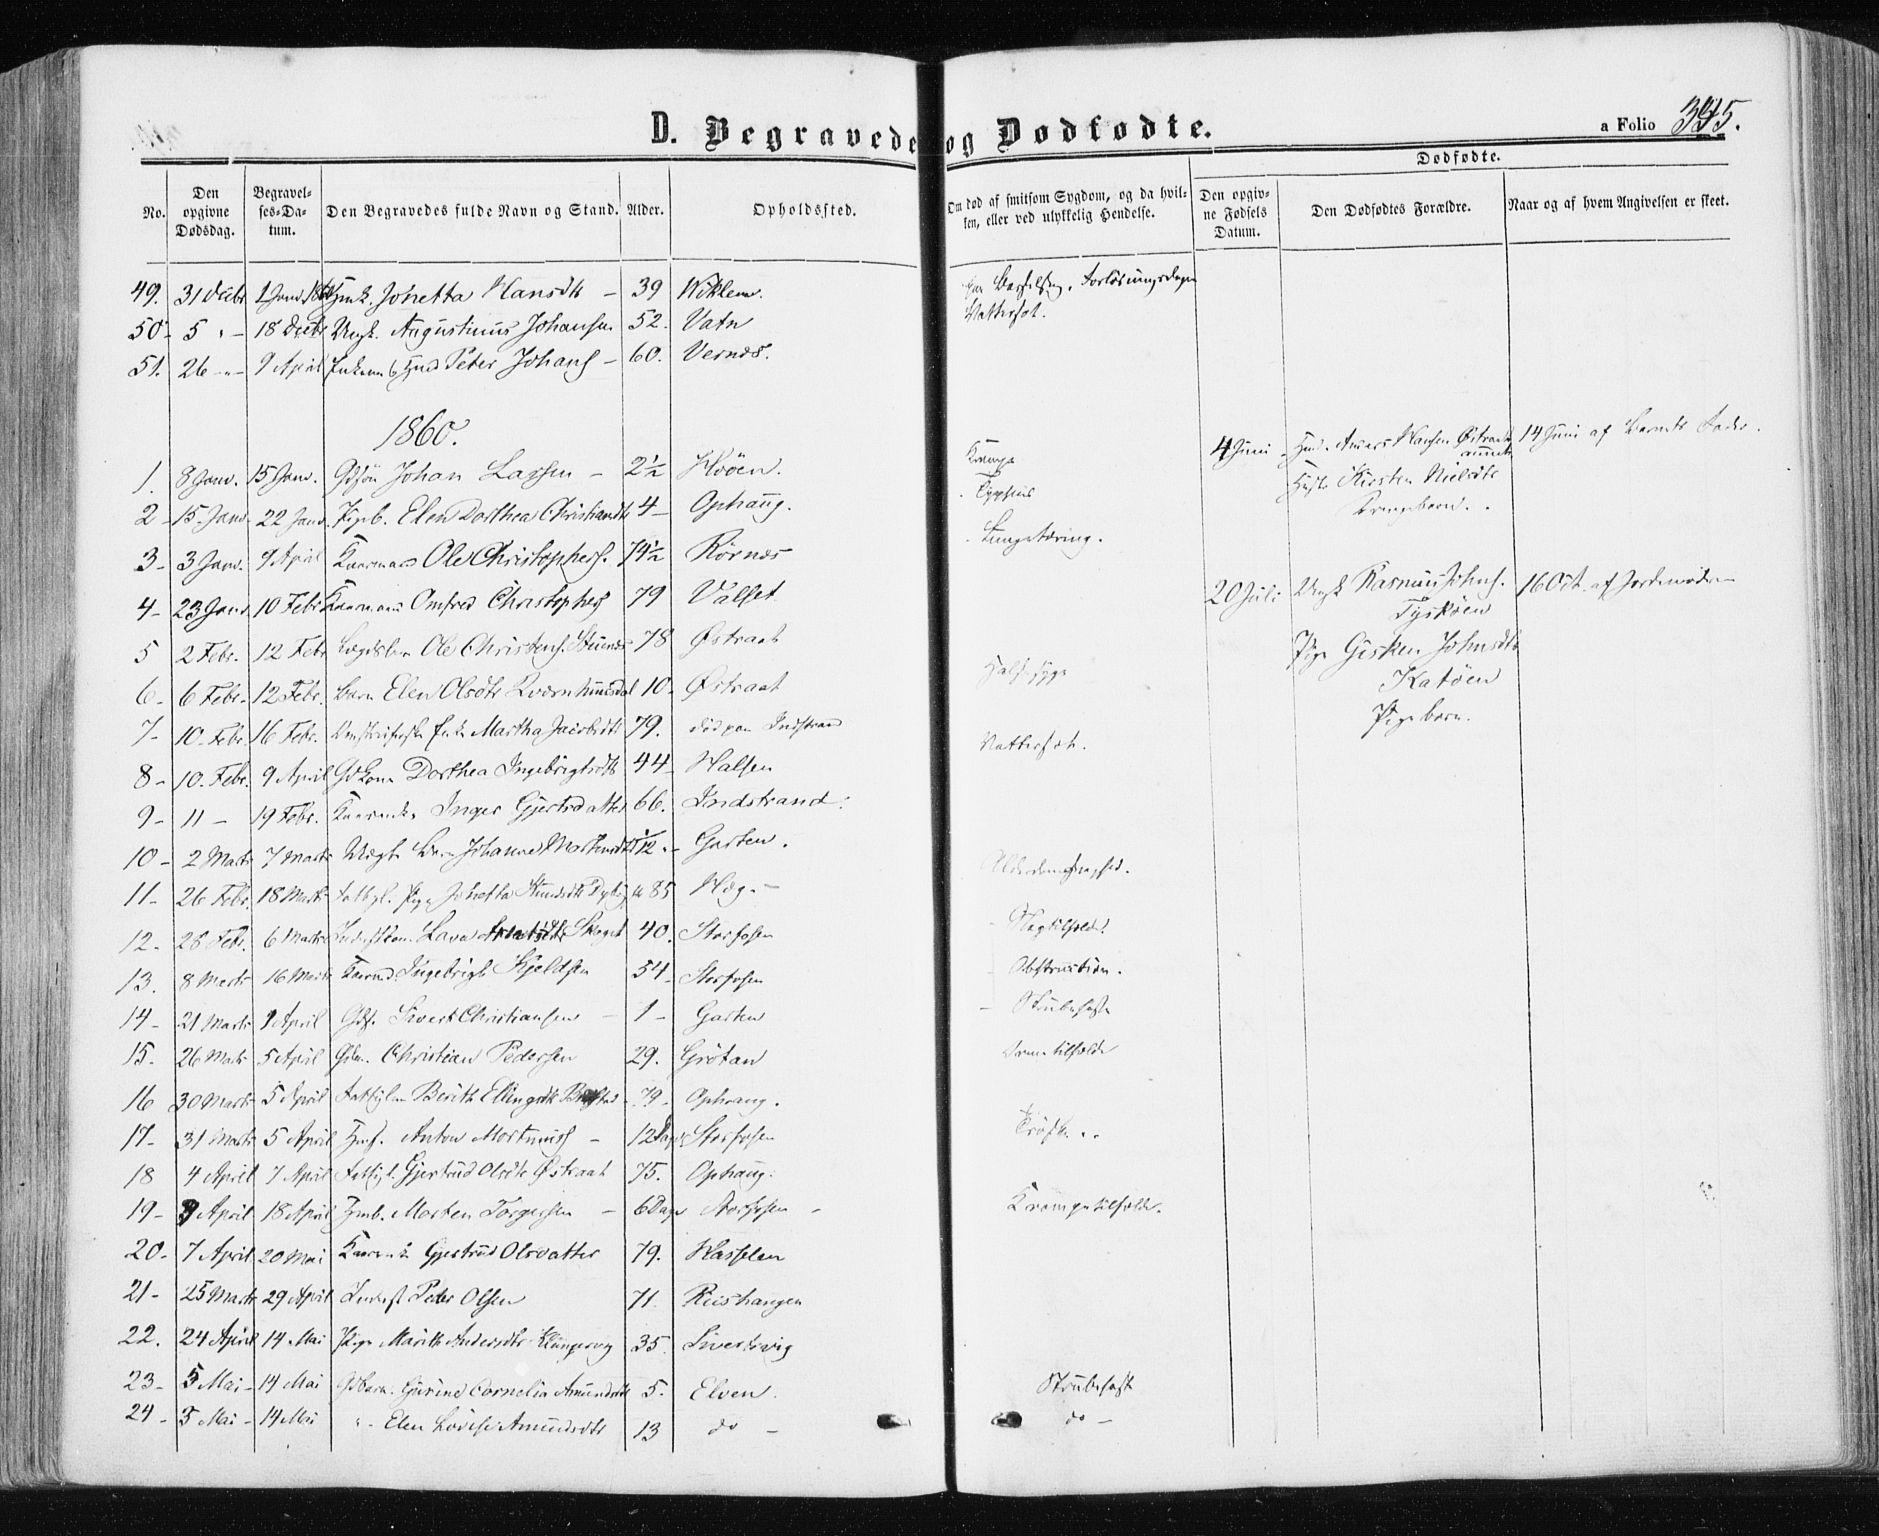 SAT, Ministerialprotokoller, klokkerbøker og fødselsregistre - Sør-Trøndelag, 659/L0737: Ministerialbok nr. 659A07, 1857-1875, s. 345